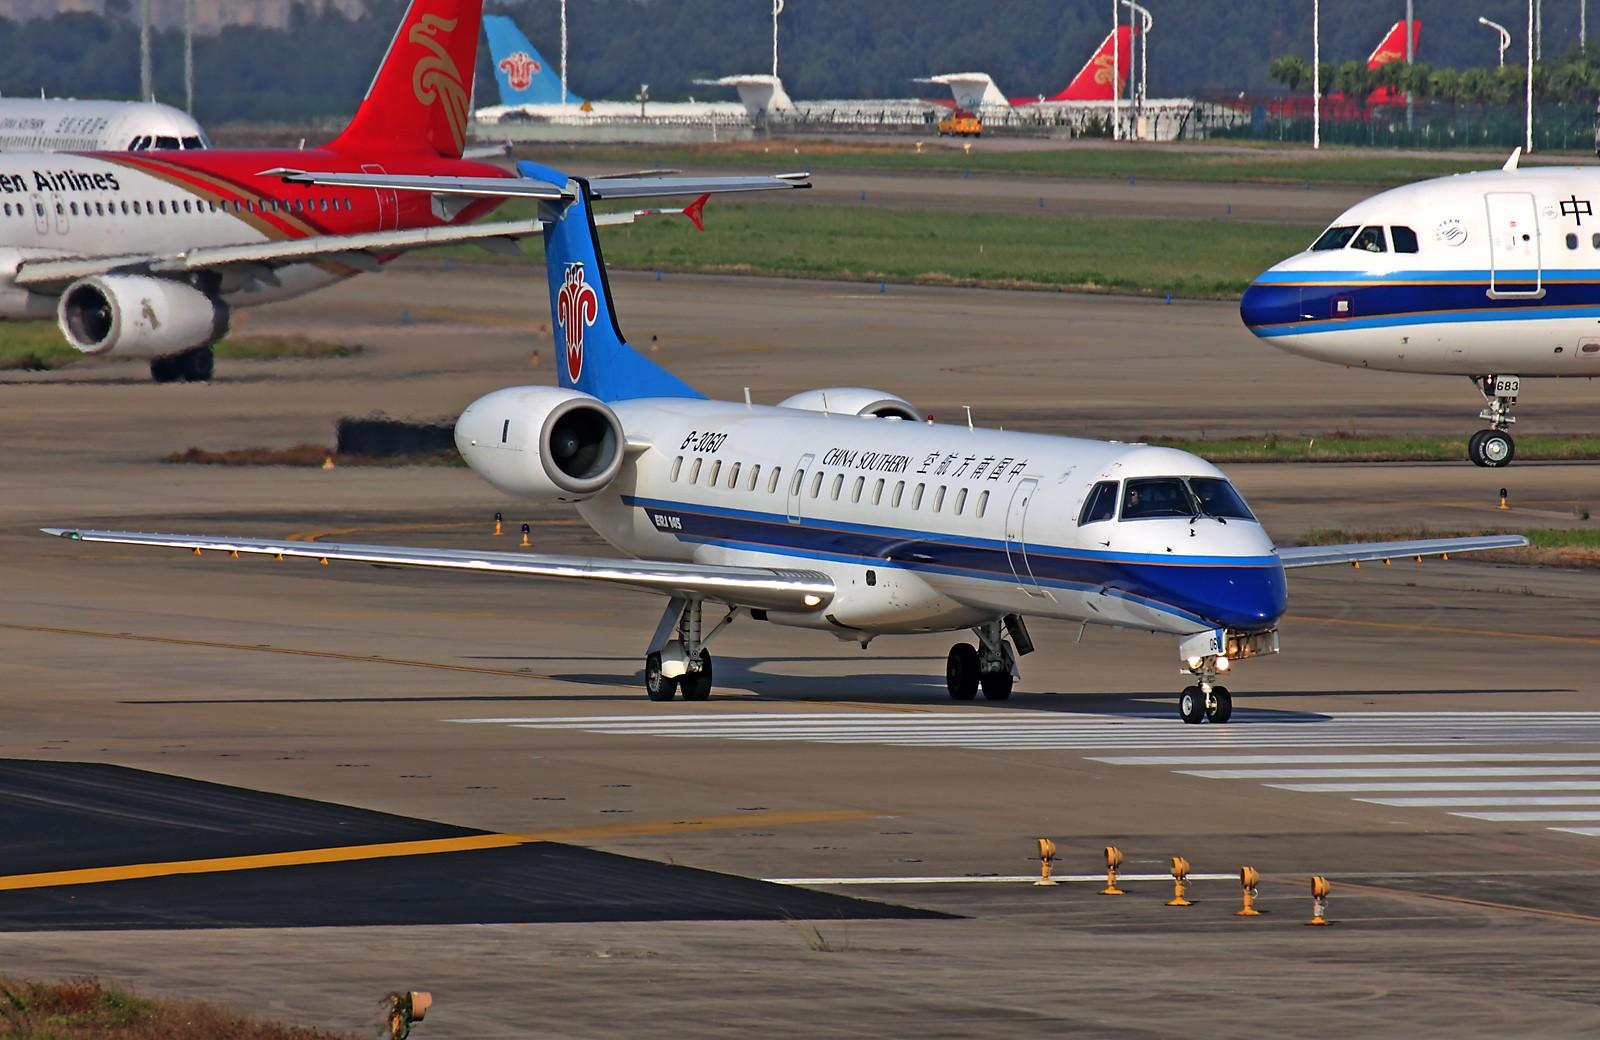 Re:[原创]*** 清晨美妙的光线,拍一拍等待中的飞机也是一种享受 *** EMBRAER ERJ-145 B-3060 中国广州白云机场